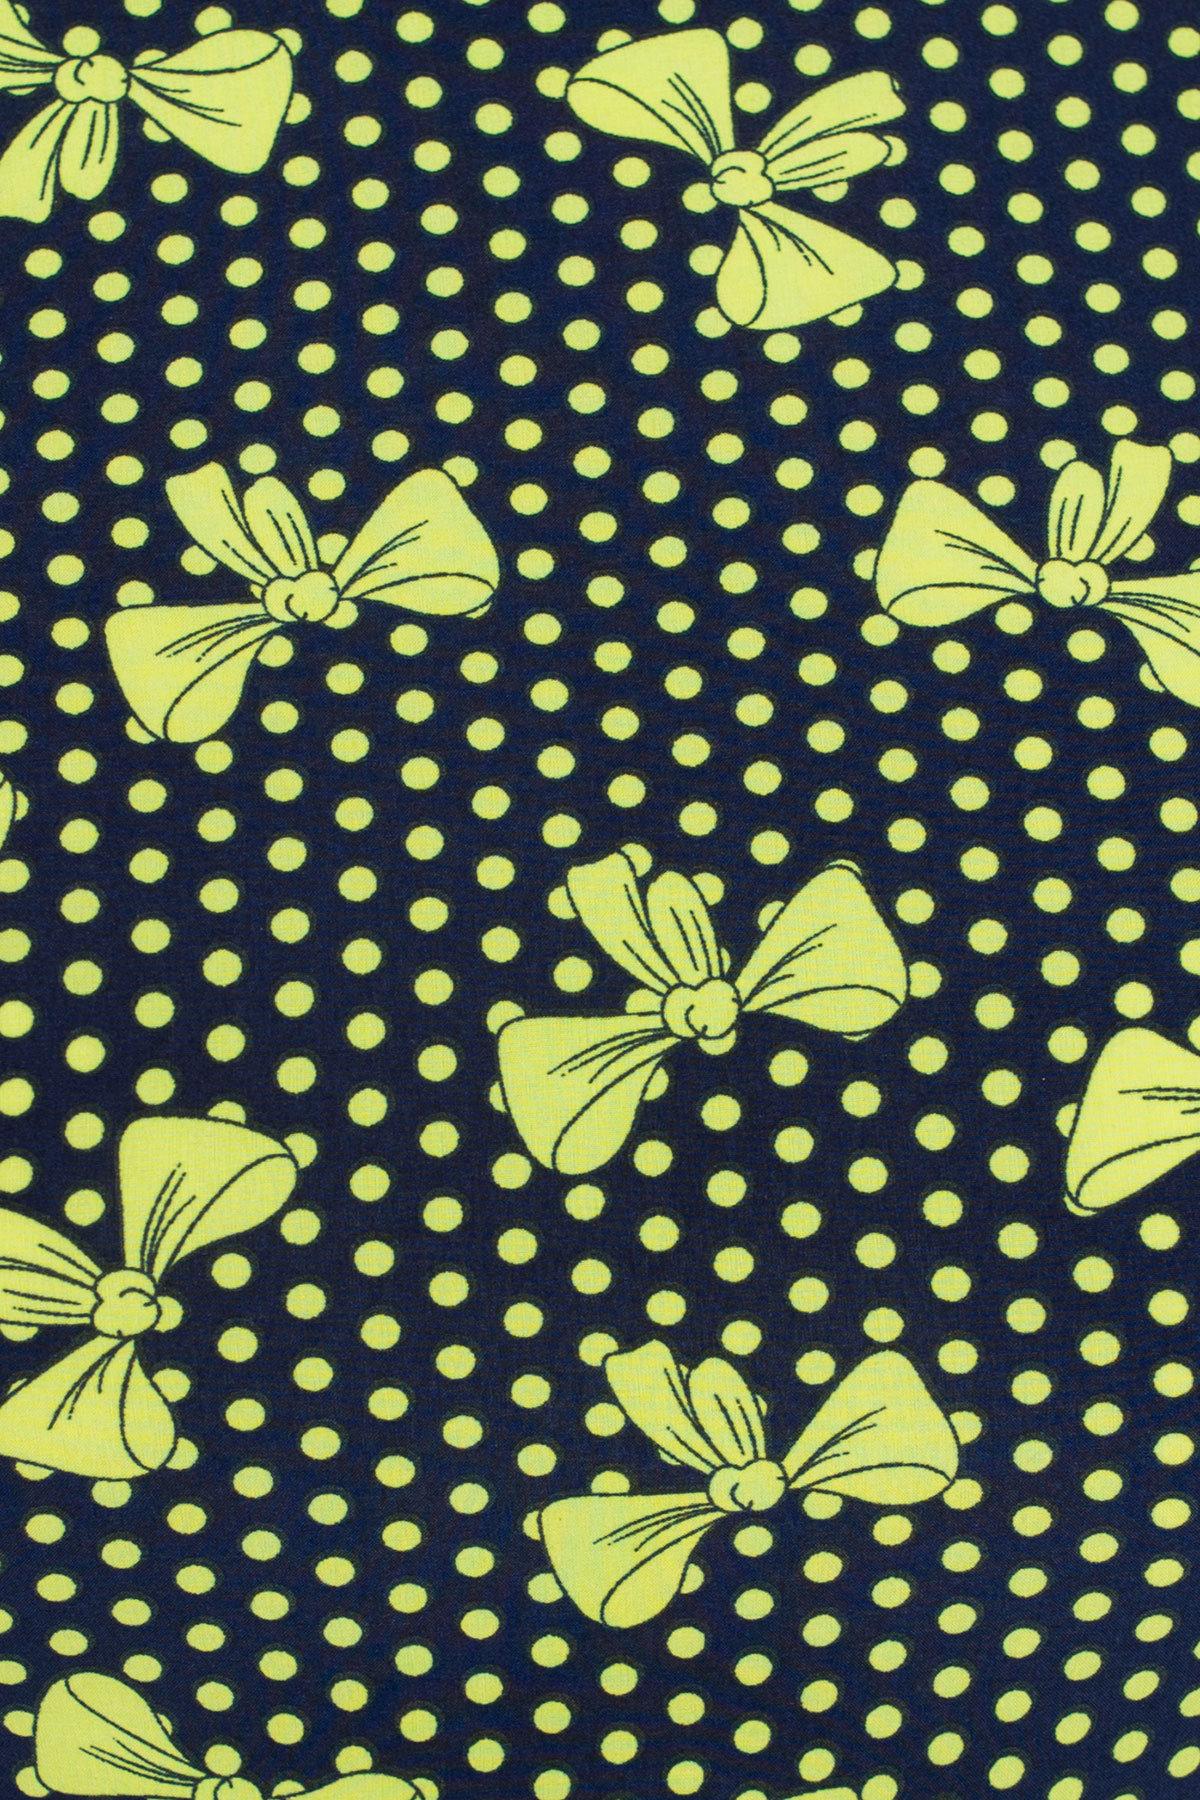 Платье Жадор миди 3012 Цвет: Темно-синий/салат бантик